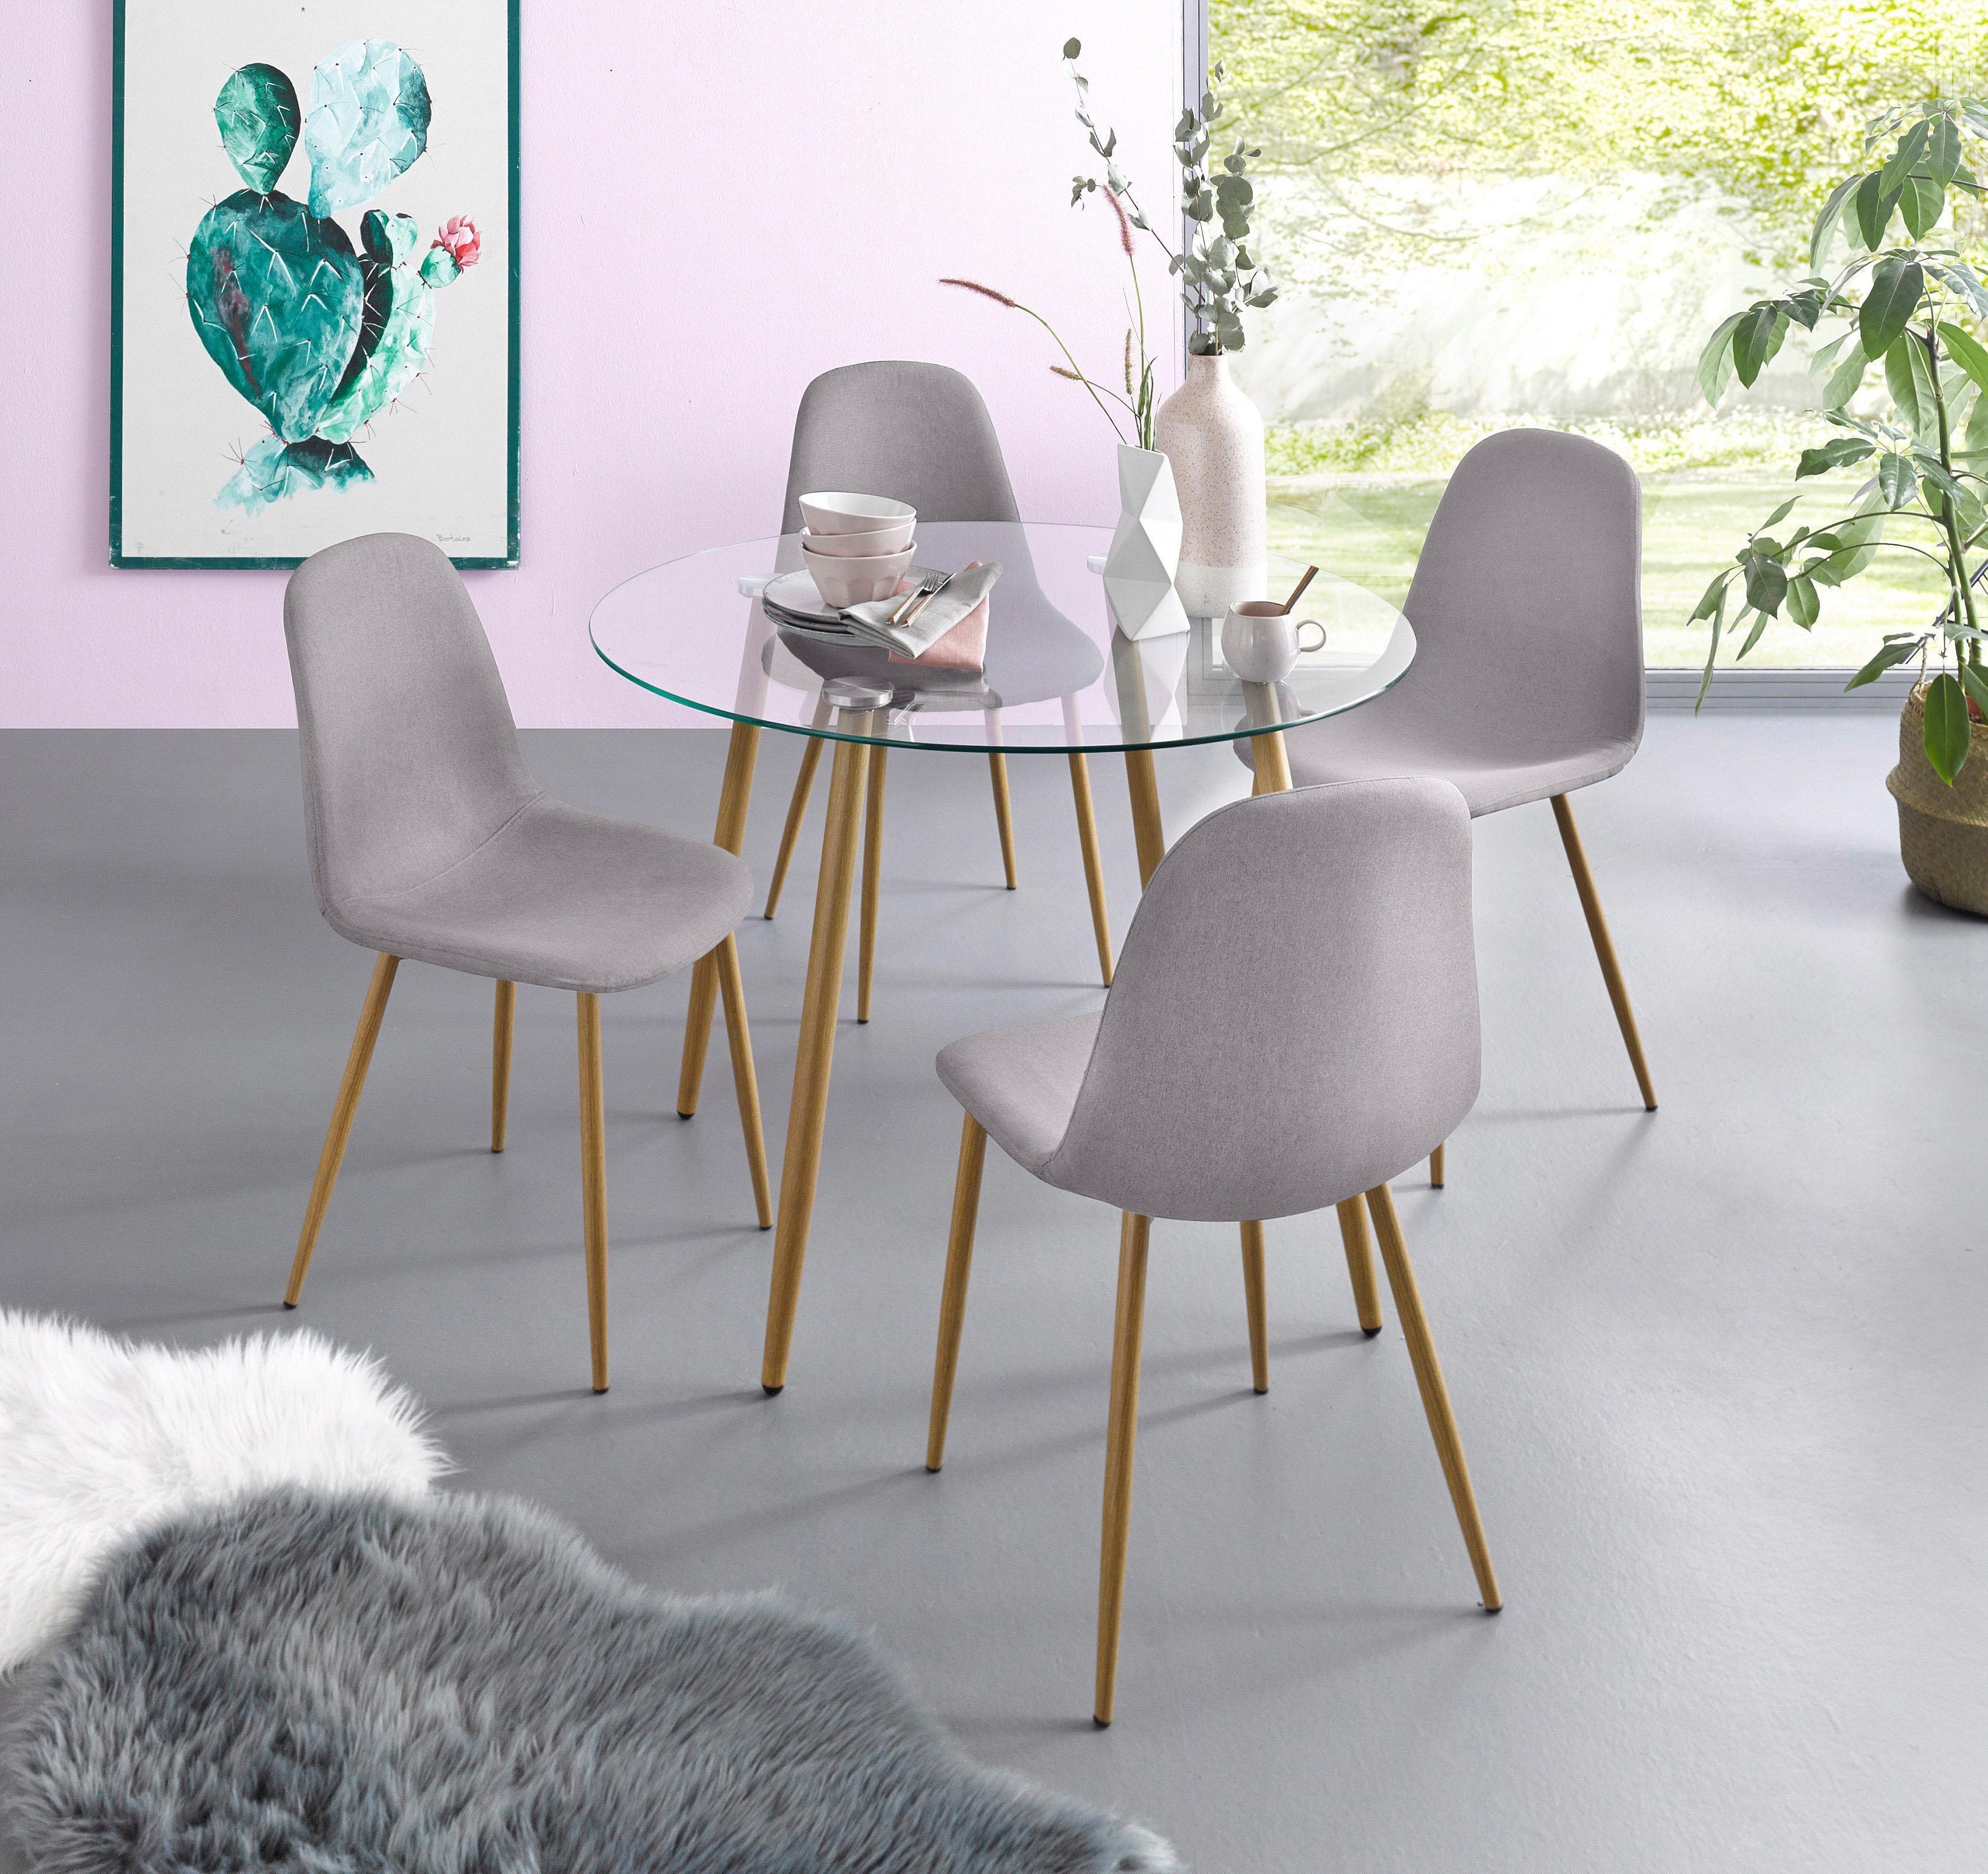 Verführerisch Esszimmerstühle Metall Das Beste Von Essgruppe, Runder Glastisch Mit 4 Stühlen (webstoff)